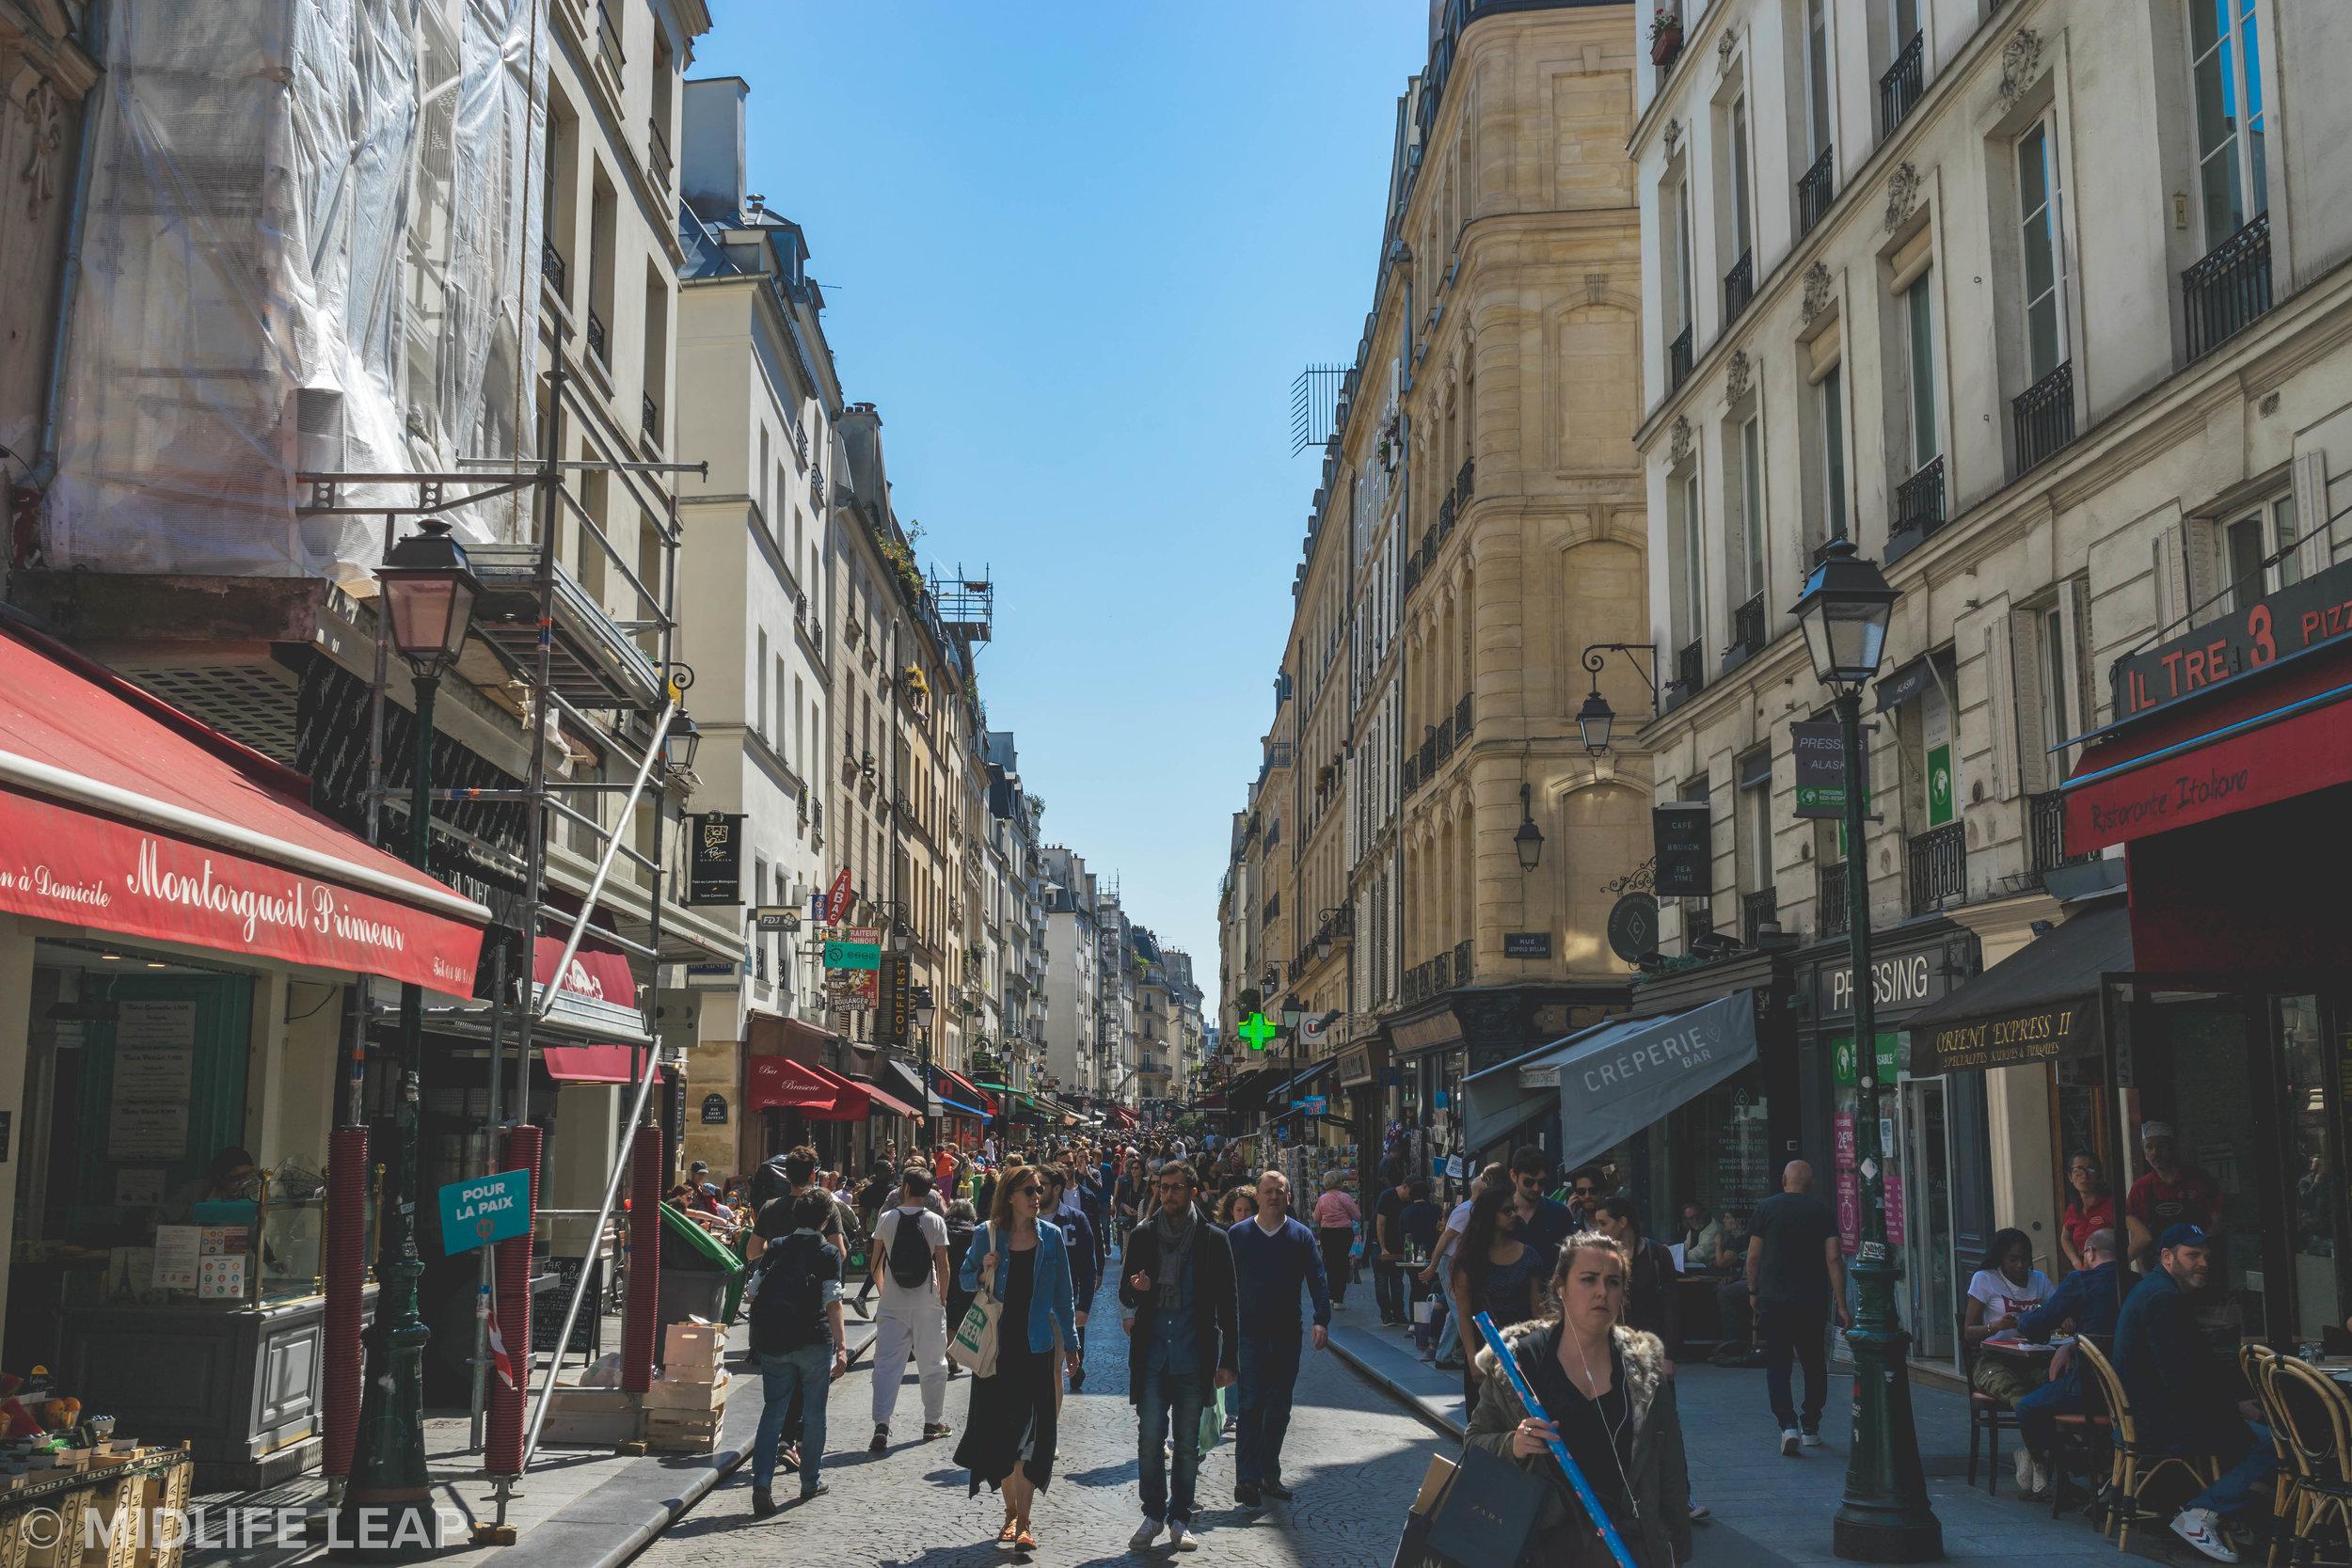 rue-montorgueil-best-shopping-street-in-paris